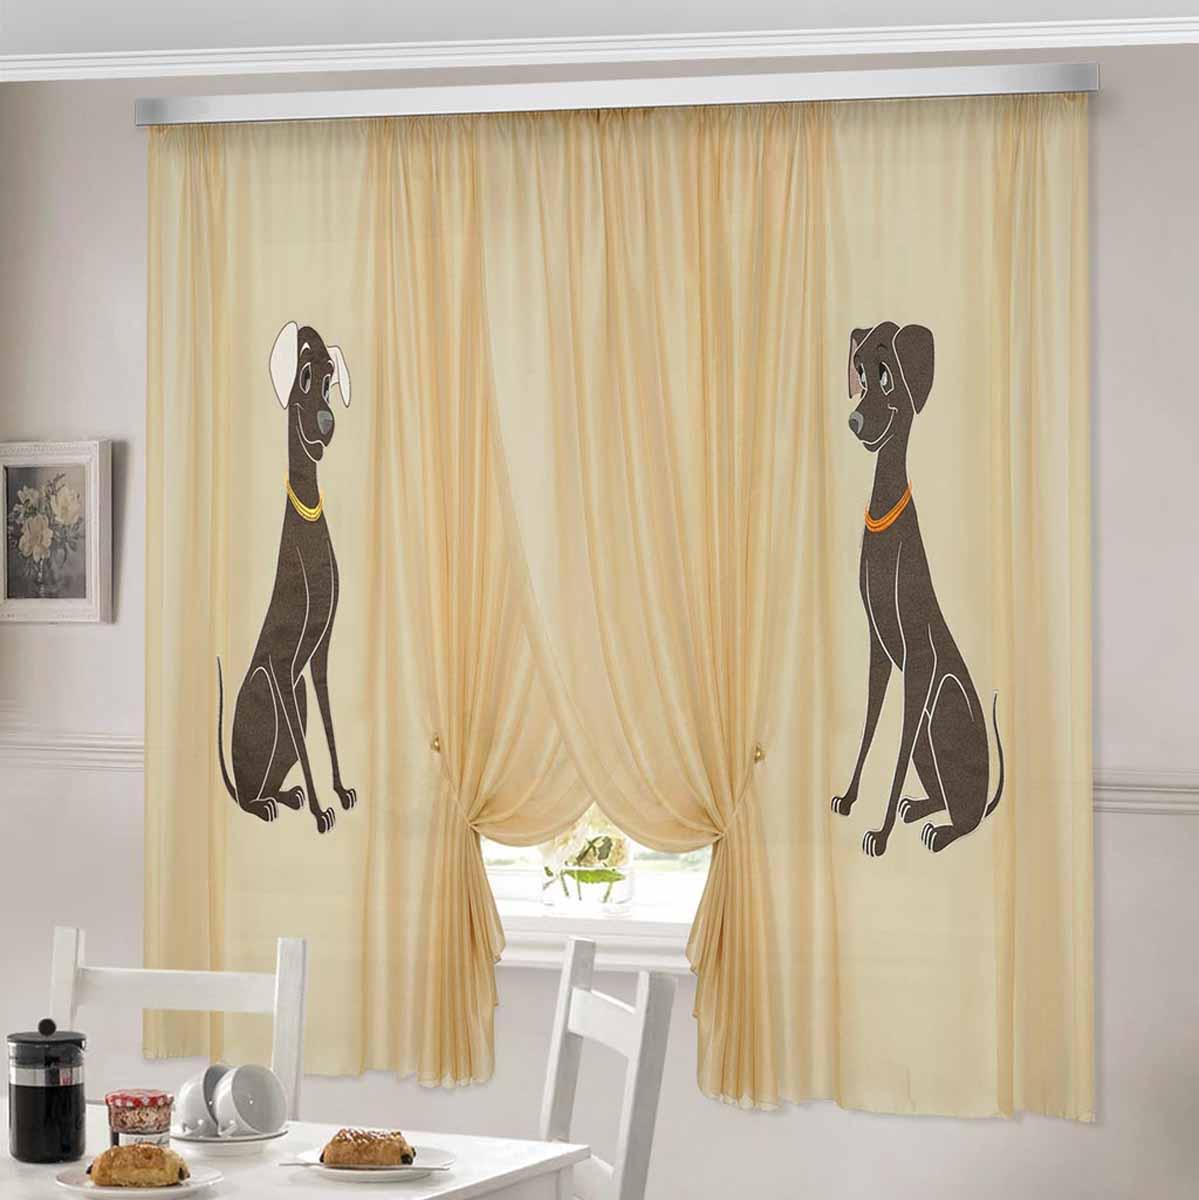 Комплект штор ТД Текстиль Аристократ, на ленте, цвет: бежевый, высота 180 см93130Шторы выполнены из вуалевого полотна с аппликацией в виде собак. Стирать аккуратно, не более 30-40 градусов. Цвета в ассортименте.